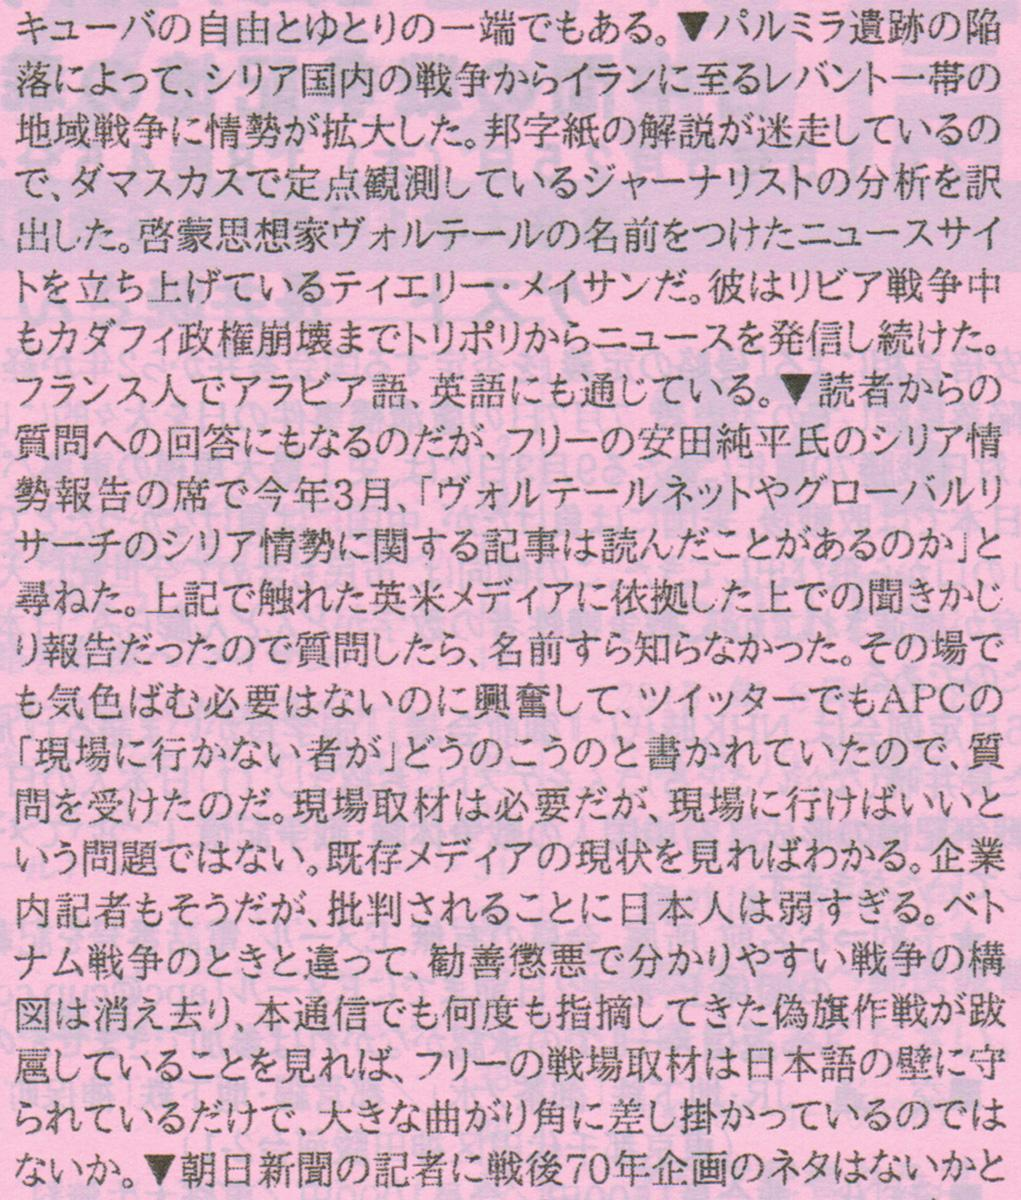 だから問題ない、と鼻で笑った態度に腹立ちました。ああいう狂人は存在自体許せない。RT @Yu_TERASAWA  『アジア記者クラブ通信』273号pic.twitter.com/roVQQ93OBl